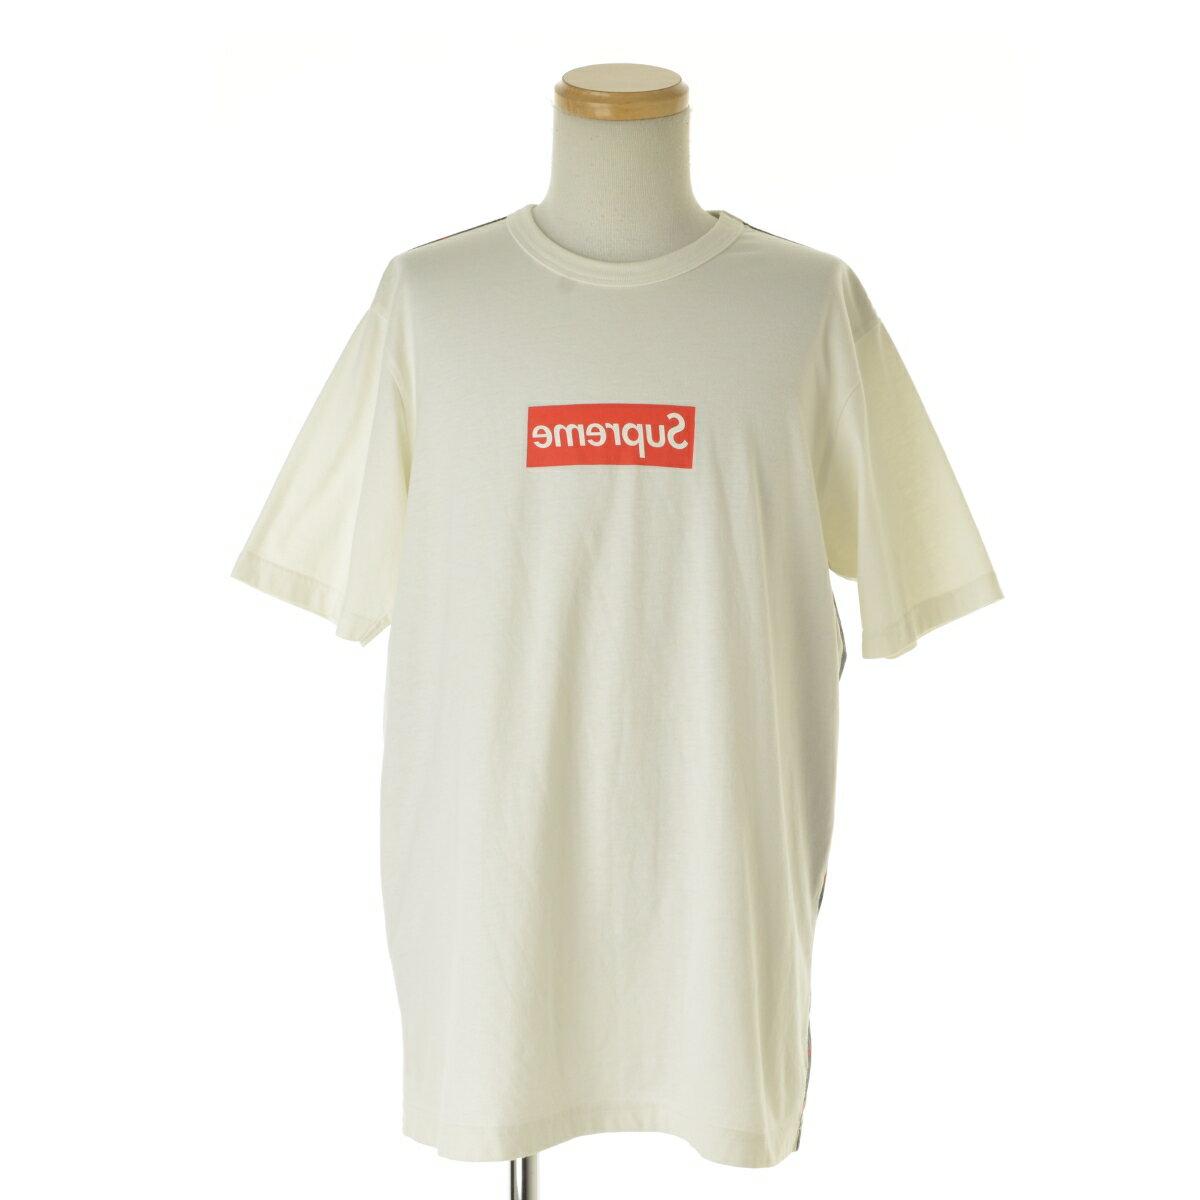 トップス, Tシャツ・カットソー SUPREME COMME des GARCONS SHIRT 13SS Box LogoTcabjacag-m